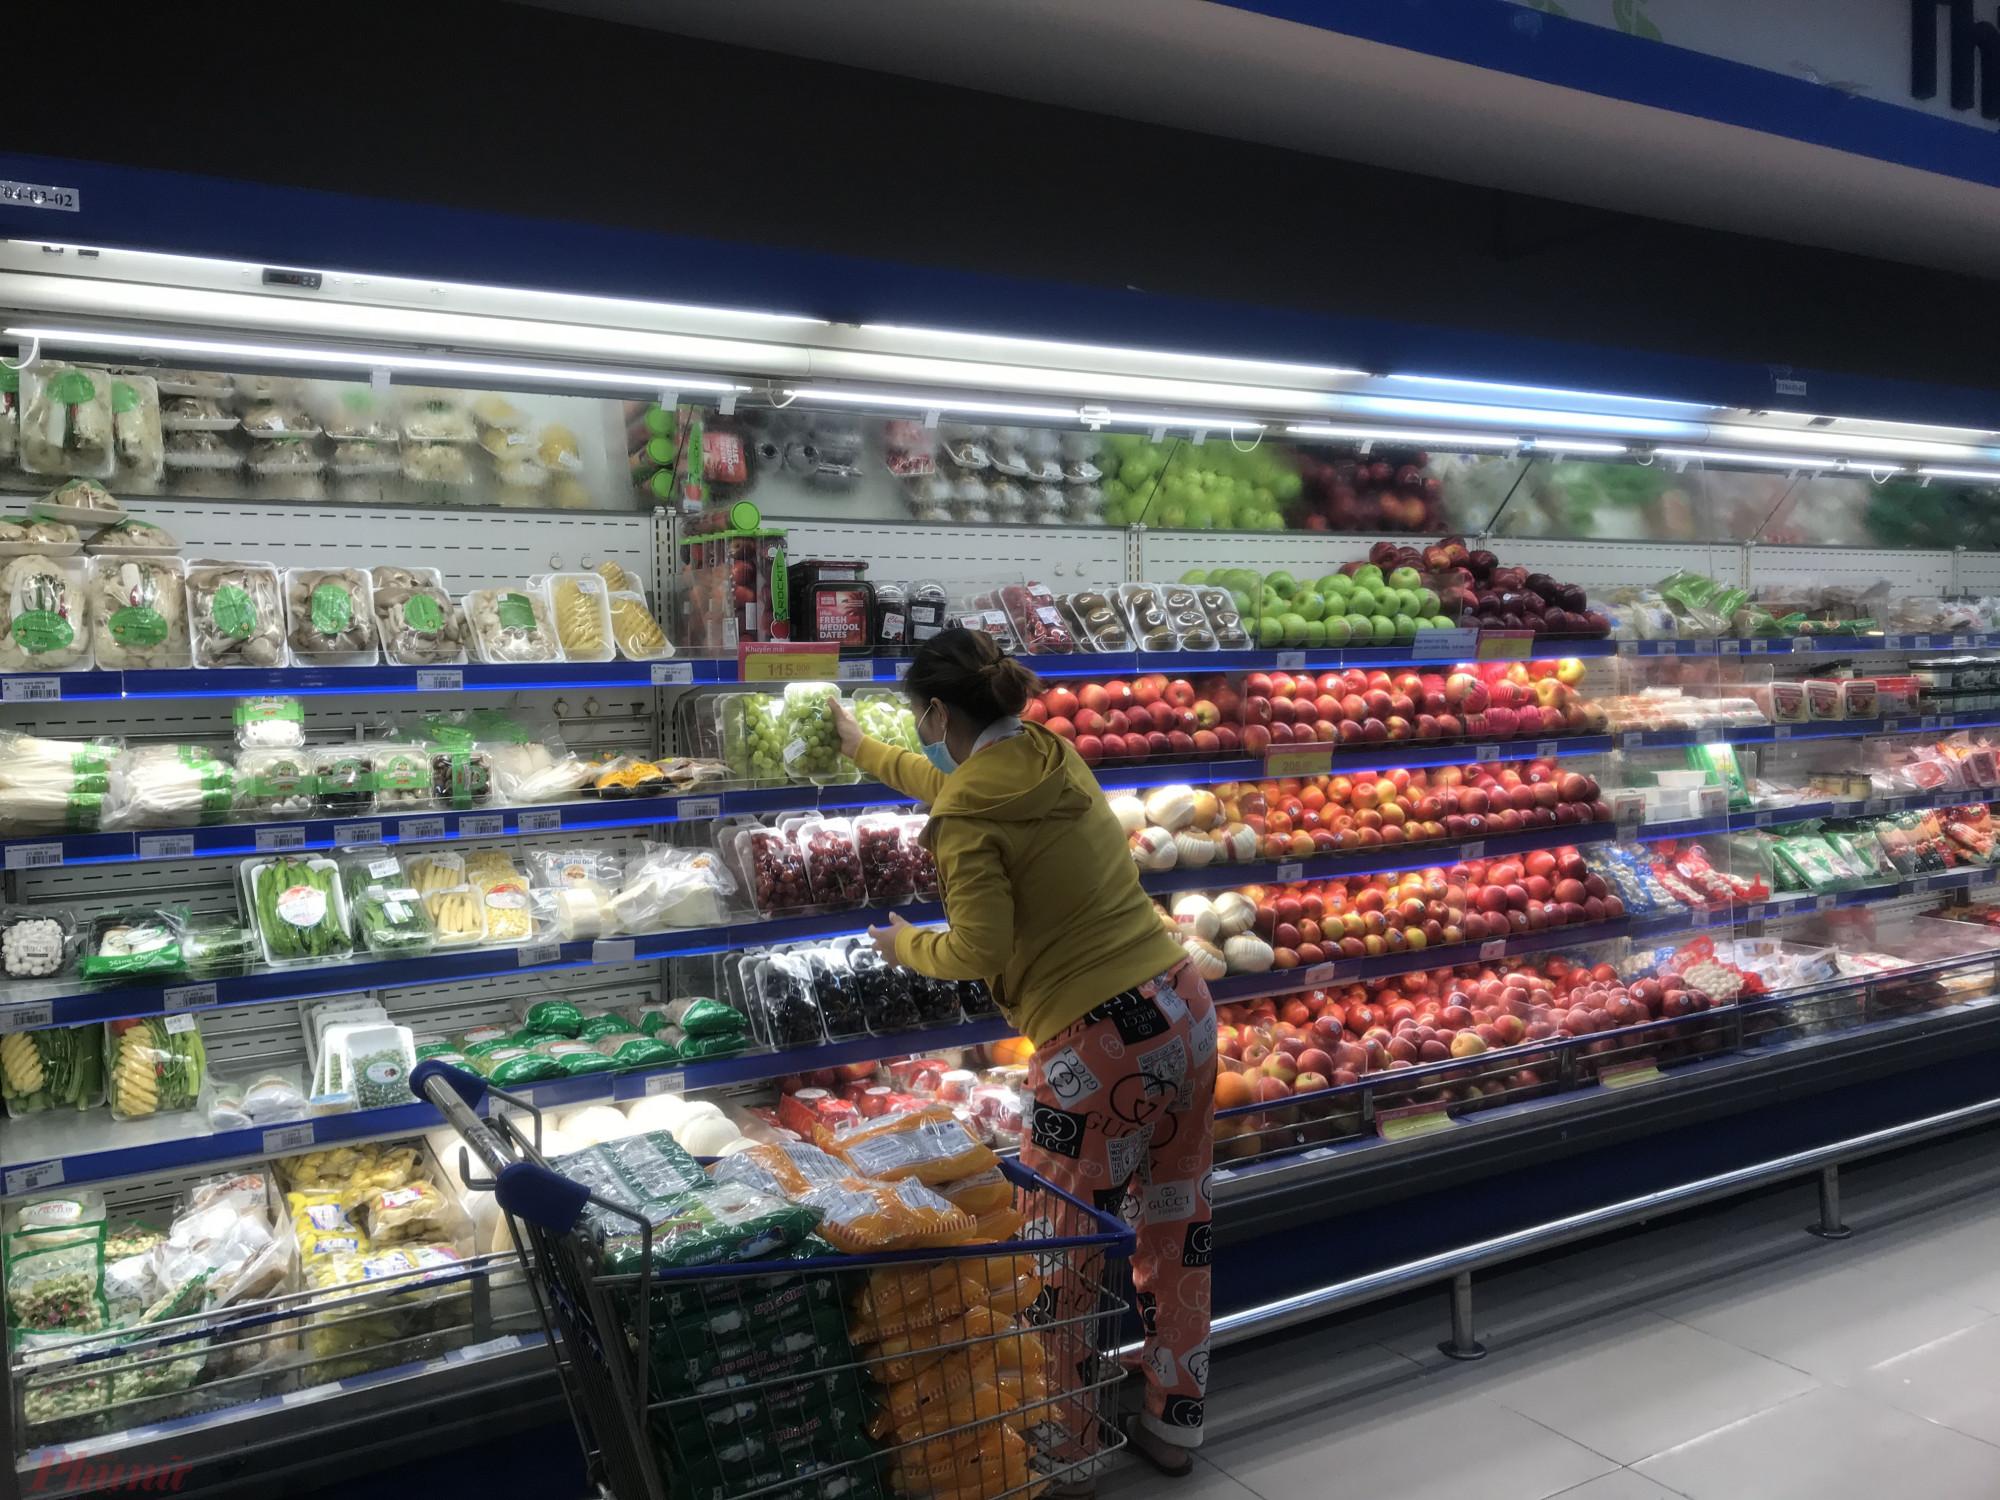 Cụ thể hệ thống siêu thị BigC đã tăng gấp 3 lượng hàng dự trữ tại các kho để cung ứng cho thị trường; hệ thống siêu thị Co.op mart (Sai Gon Coop) đã tăng 50% lượng hàng cung ứng cho hệ thống; hệ thống siêu thị Vinmart cũng tăng 30-50% lượng hàng cung ứng cho thị trường.   Ngoài ra, các hệ thống siêu thị Lotte mart, MM megamarket, các đơn này cũng cho biết nguồn cung hàng hóa thực phẩm thiết yếu trong hệ thống vẫn được bảo đảm giá ổn định do chủ động hợp tác với nông dân và có các nguồn hàng từ các tỉnh phía Nam như Đà lạt nên nguồn cung ổn định.